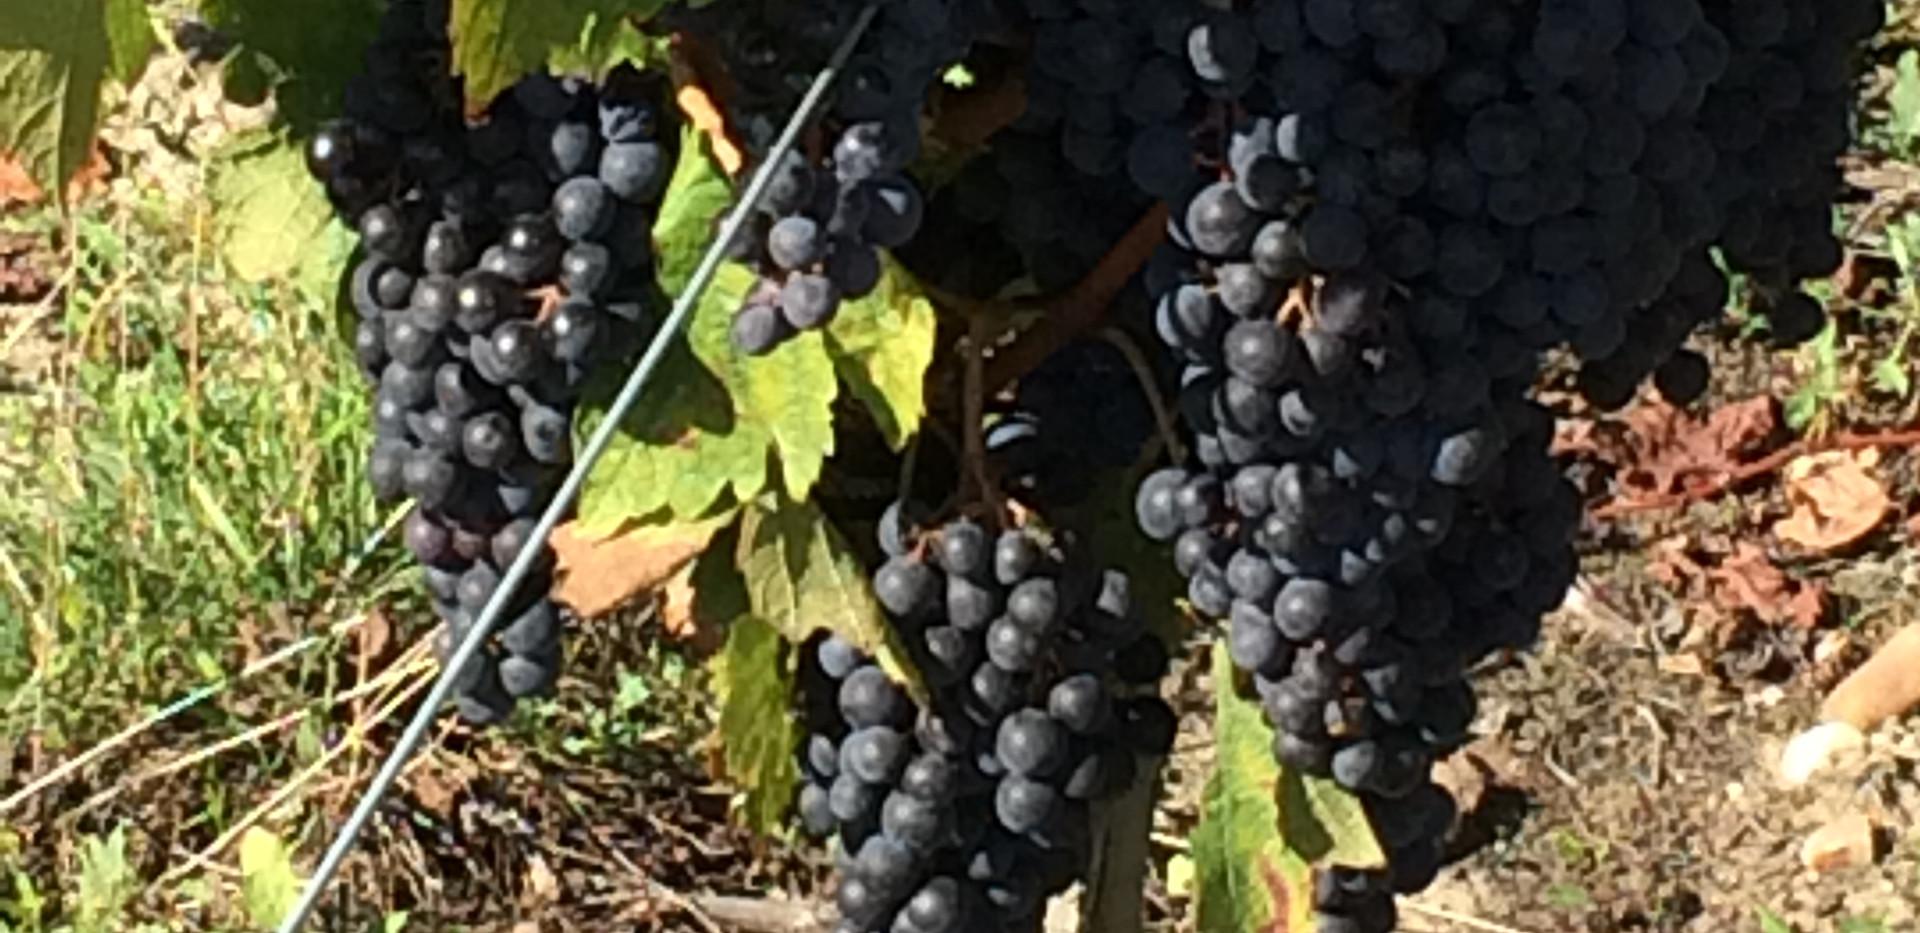 Pauillac Grapes